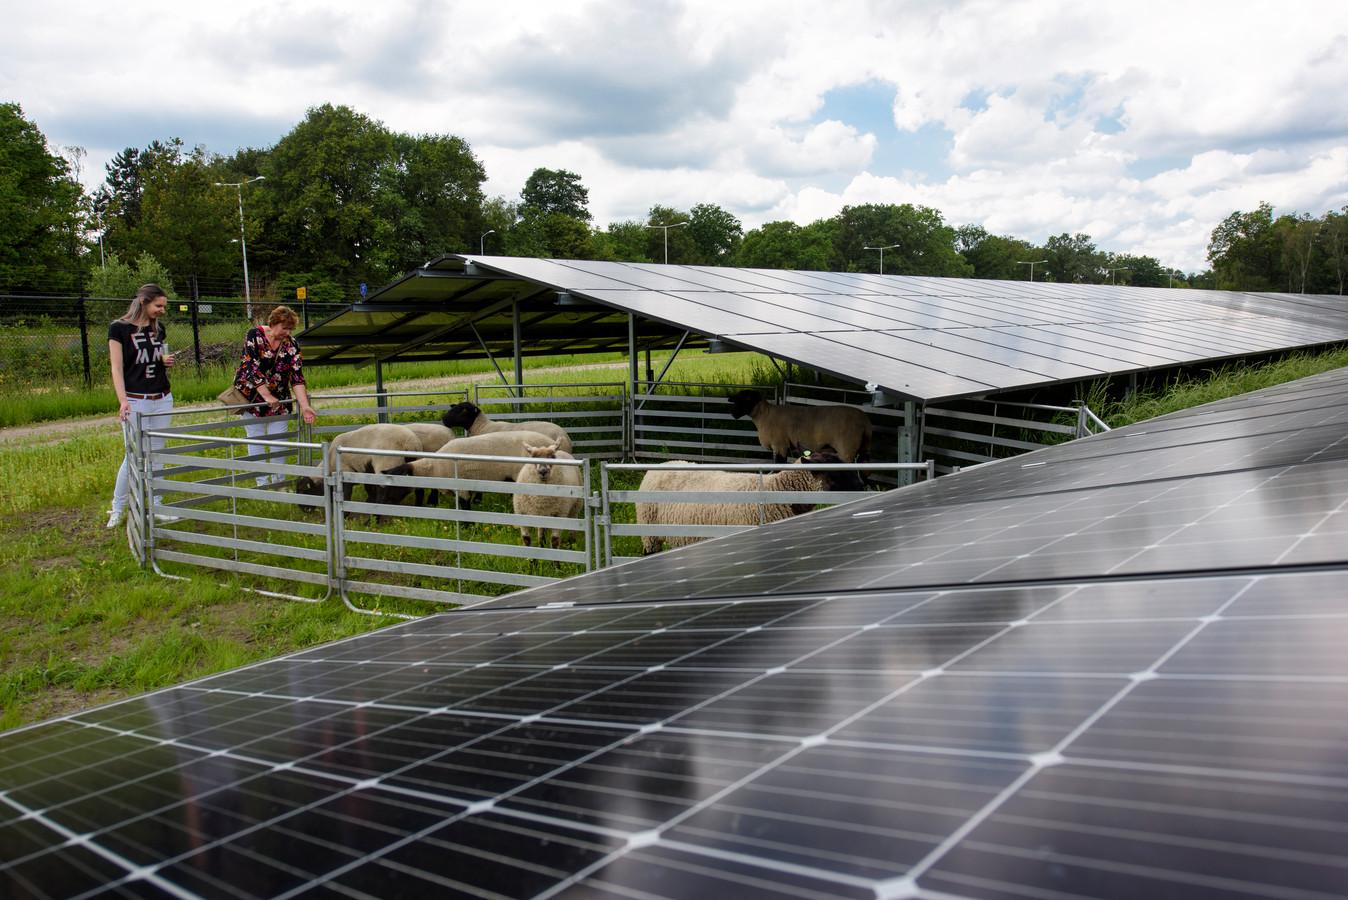 Het eerste zonneveld van Best van vijf hectare aan de Eindhovenseweg-Zuid werd in juni dit jaar geopend.